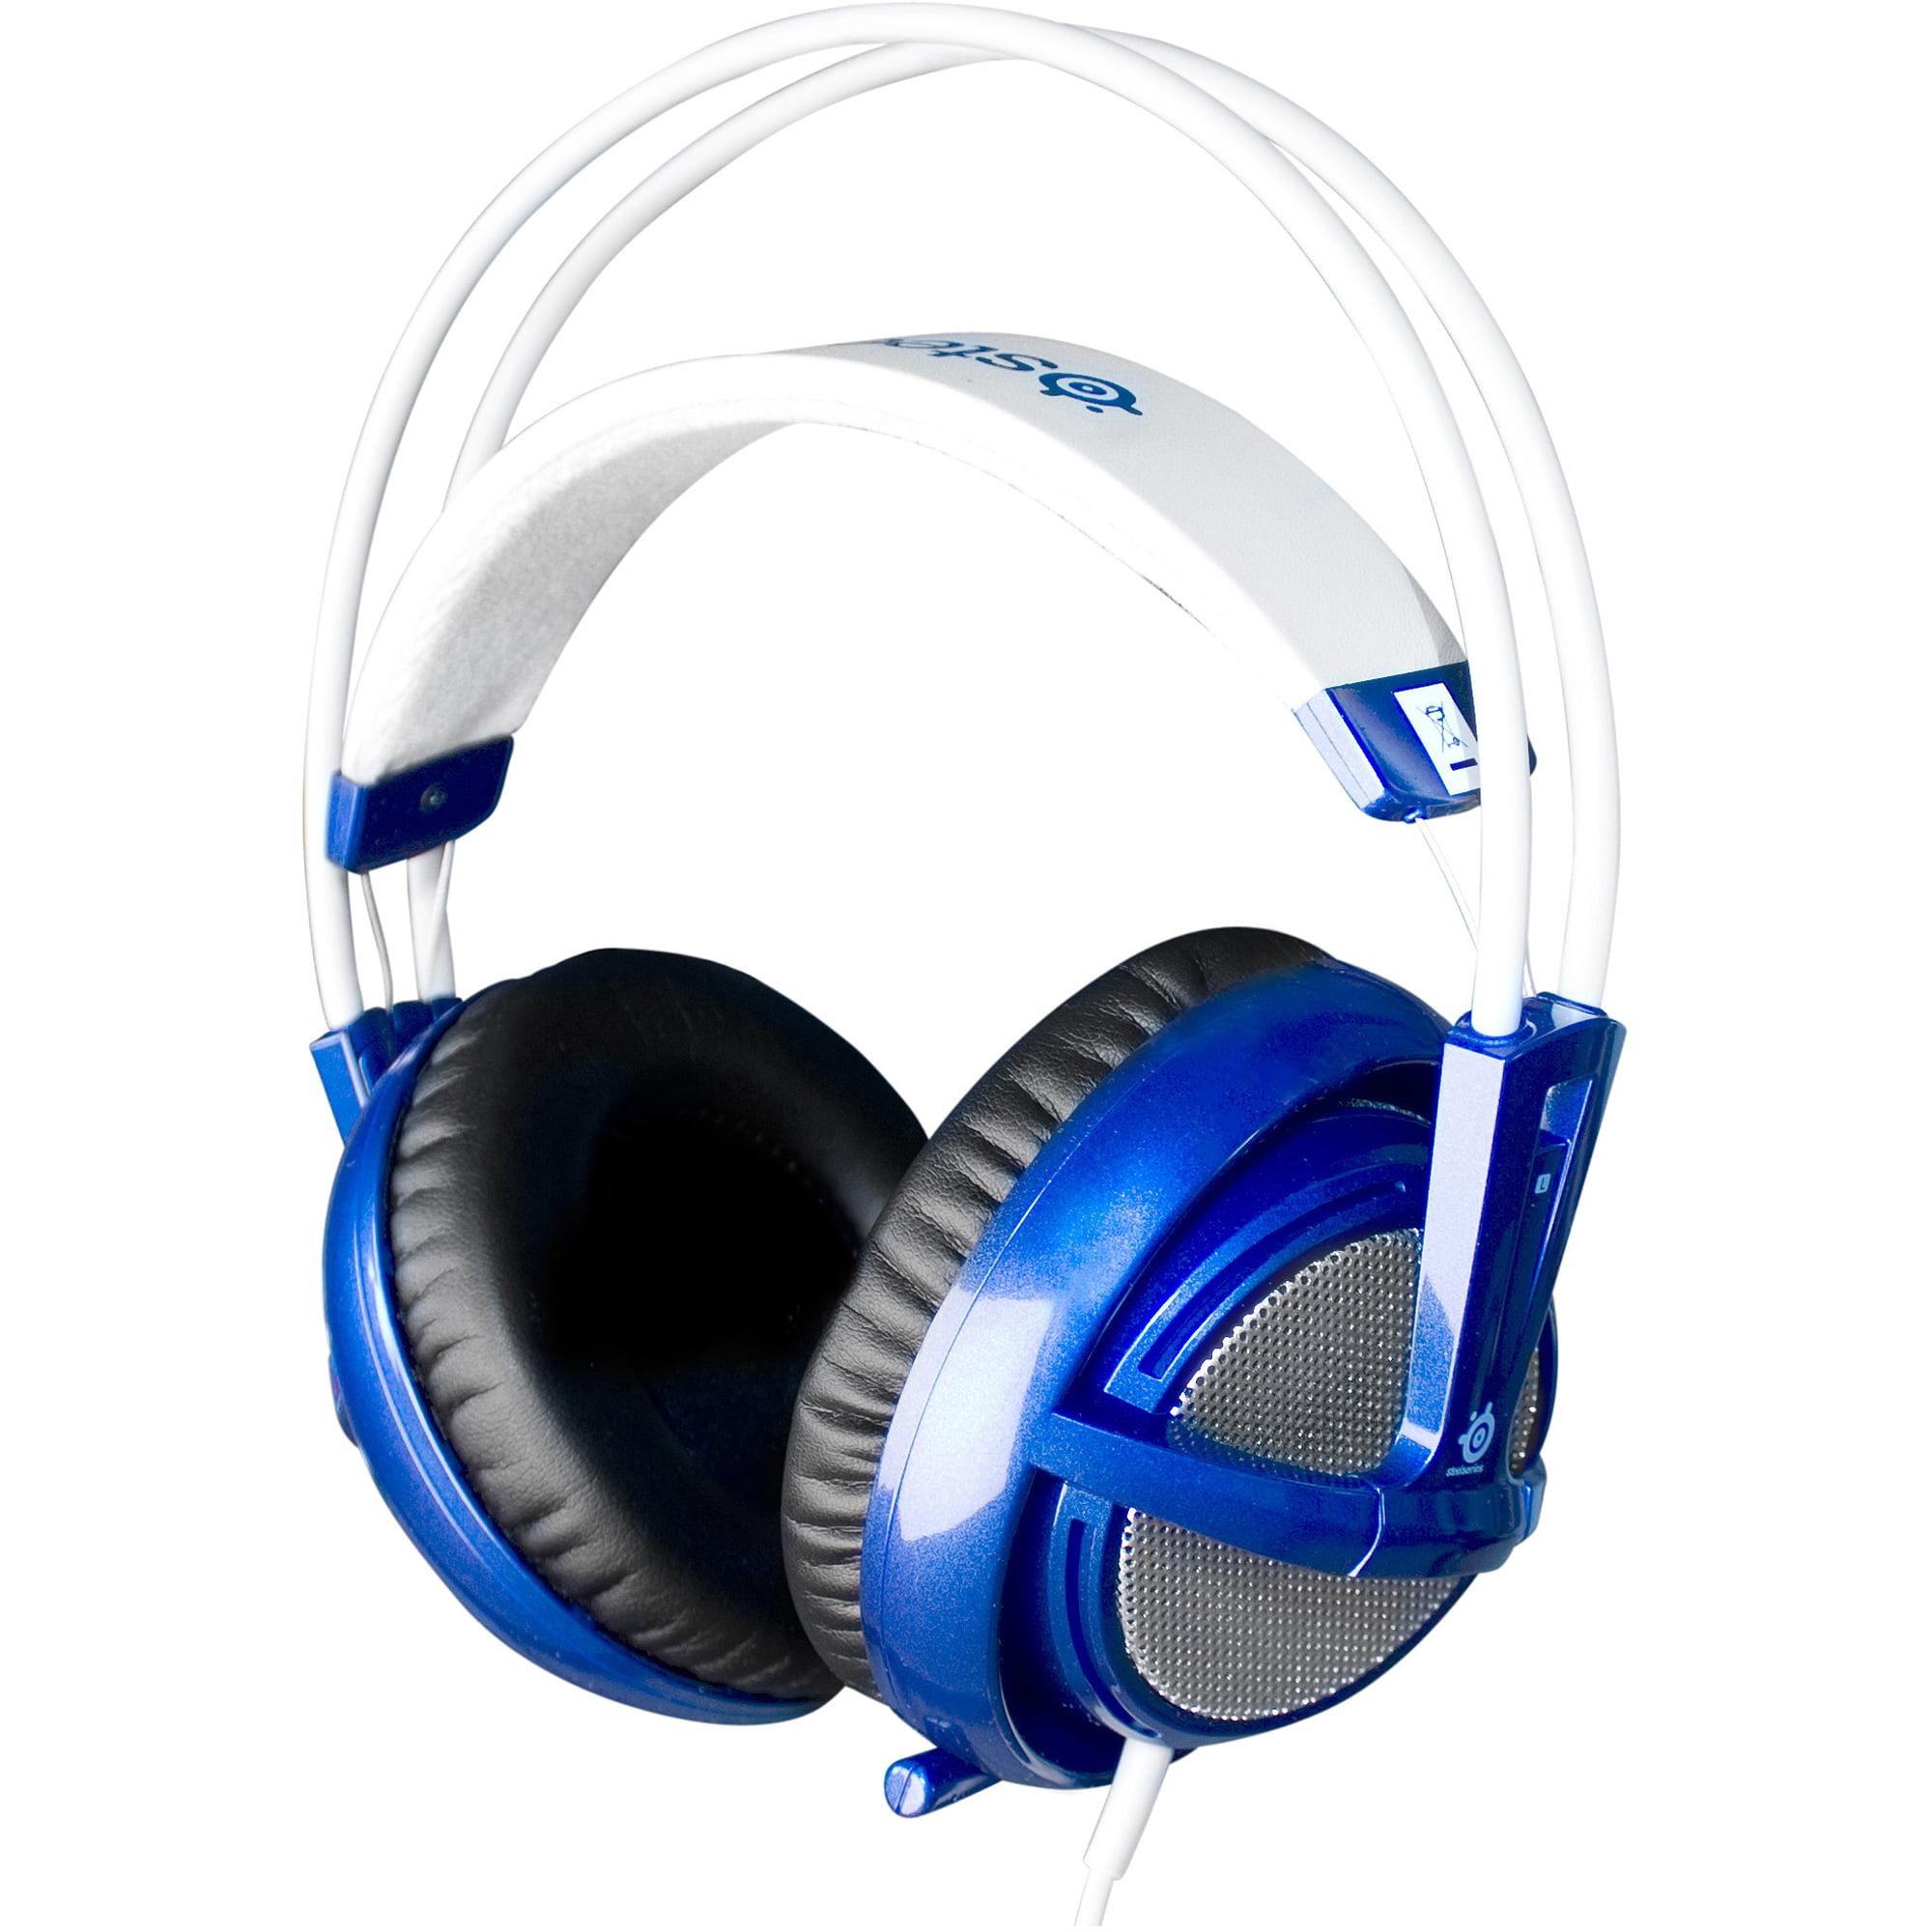 SteelSeries Siberia v2 Full-size Headset - Headset - full size - active noise canceling - blue